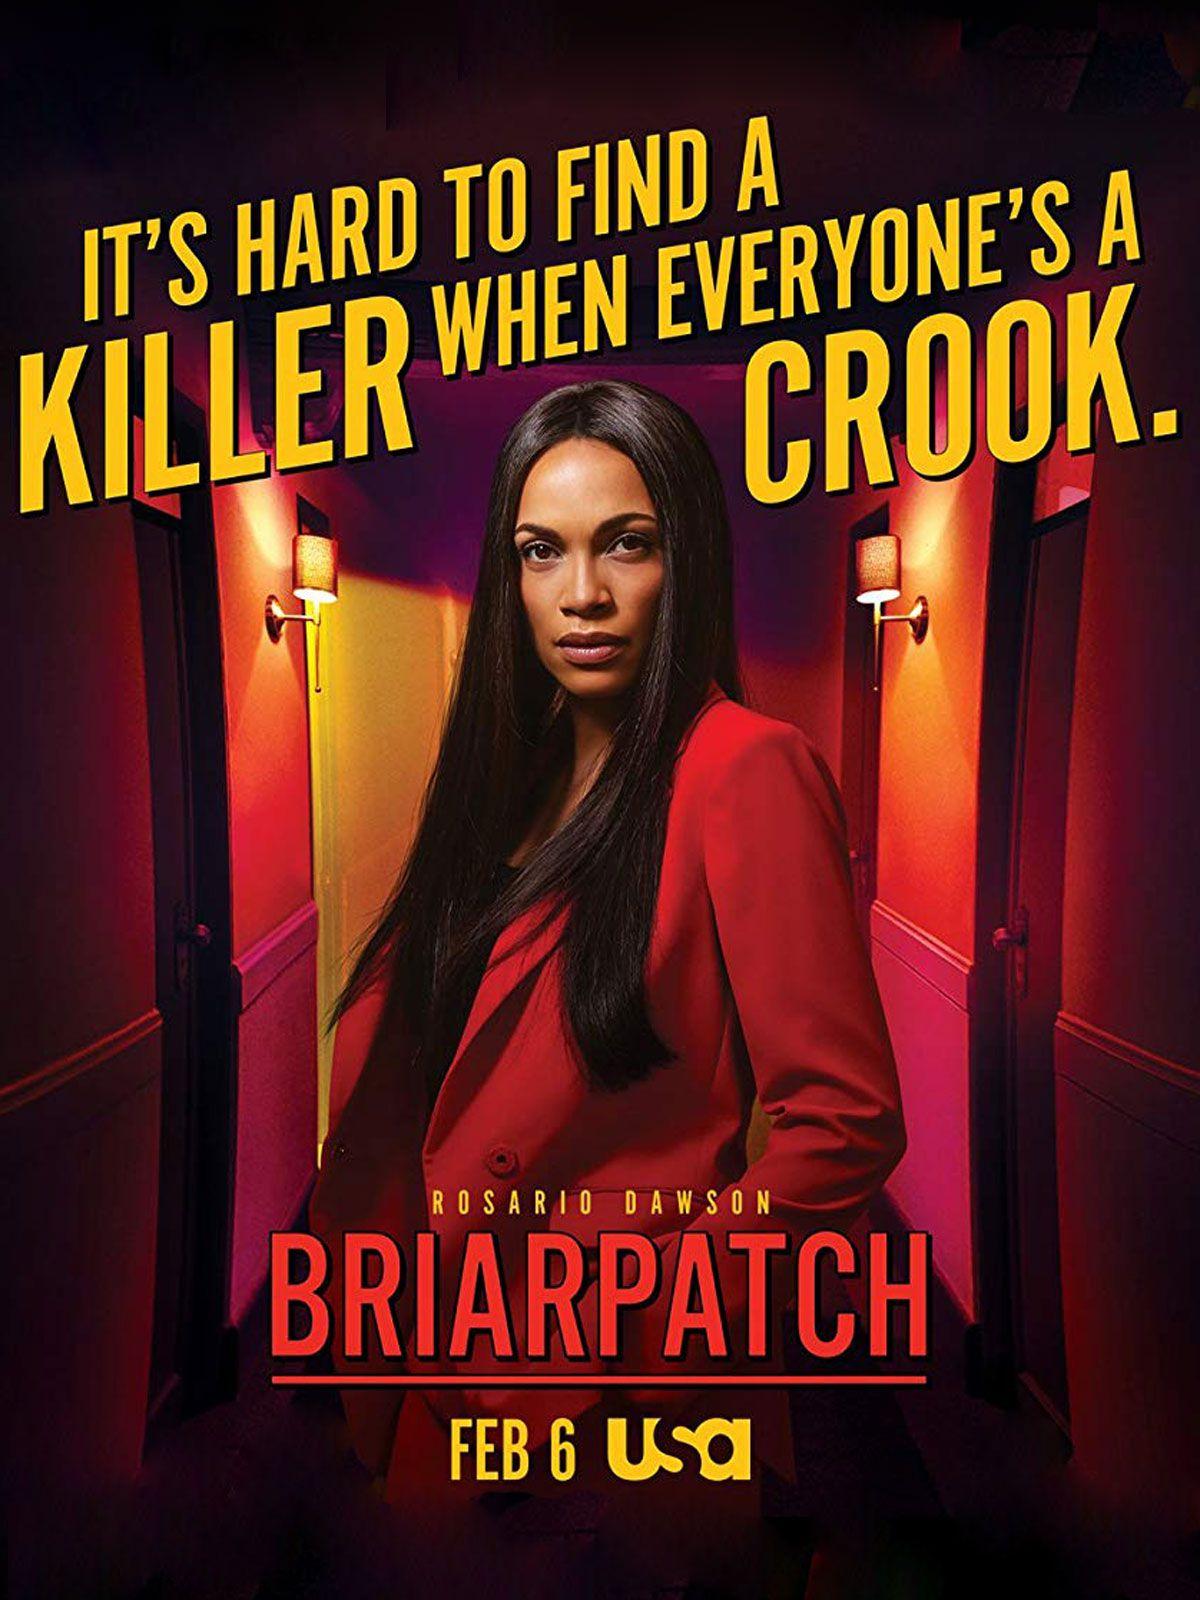 Briarpatch (Saison 1, 10 épisodes) : pulp fiction au Texas